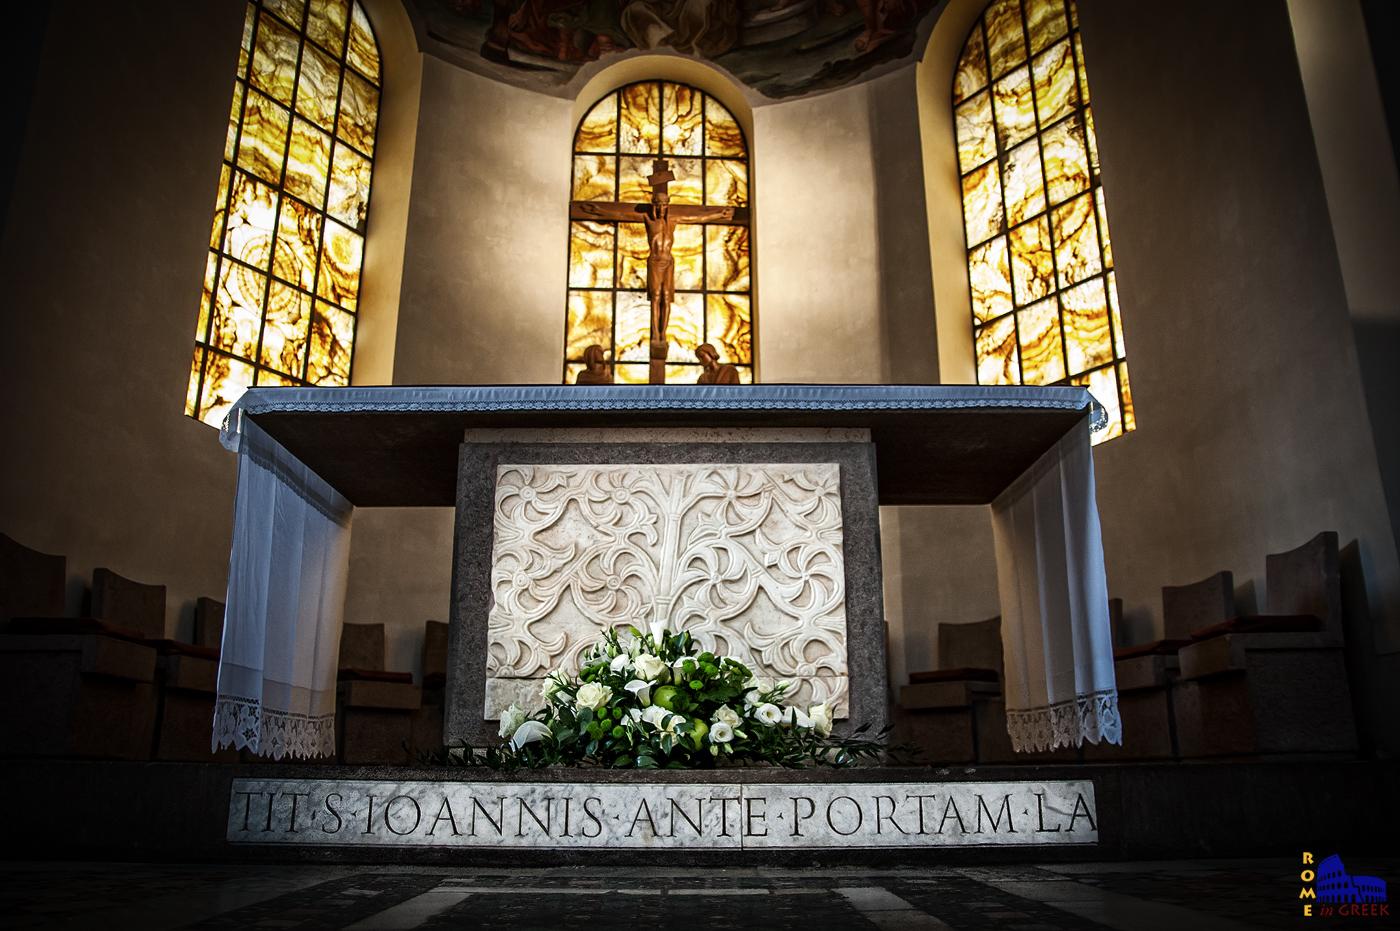 """Στην βάση του βωμού διακρίνεται επιγραφή του 12ου αι. με την ονομασία (titulus) του ναού, χαραγμένη σε κεφαλαία λατινικά, η οποία βρέθηκε κατά τη διάρκεια των τελευταίων αποκαταστάσεων: «TIT. S.IOANNIS ANTE PORTAM LA(TINAM)"""". (Ναός Αγίου Ιωάννη προ της Λατίνης Πύλης)."""